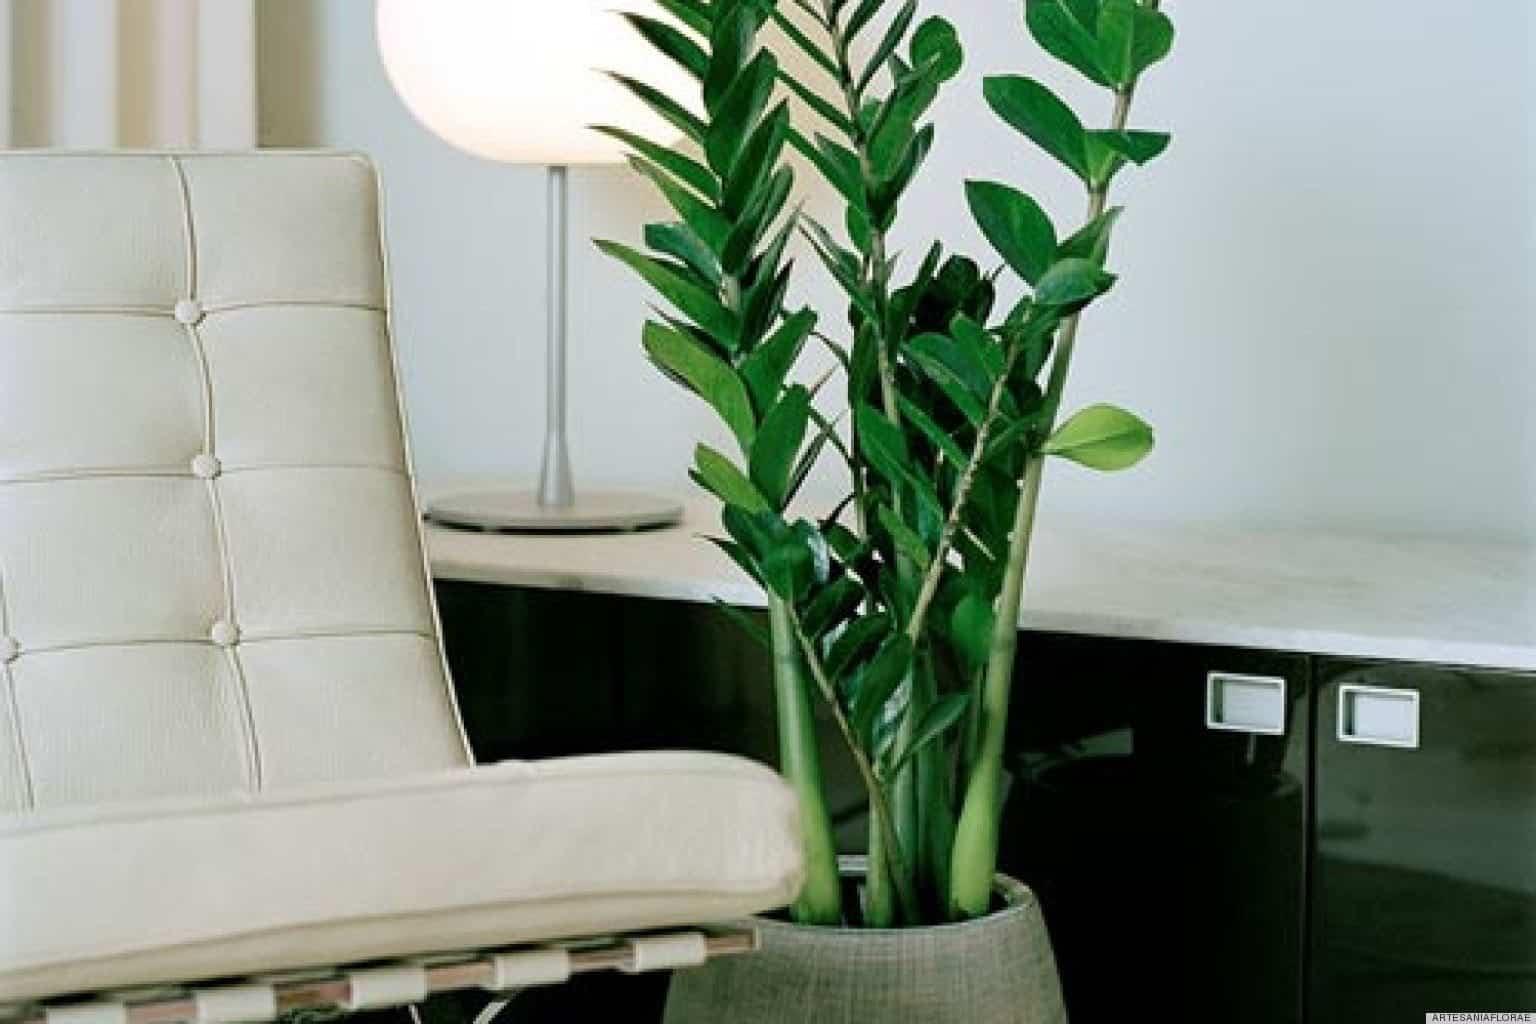 اندازه و شکل گیاهان آپارتمانی